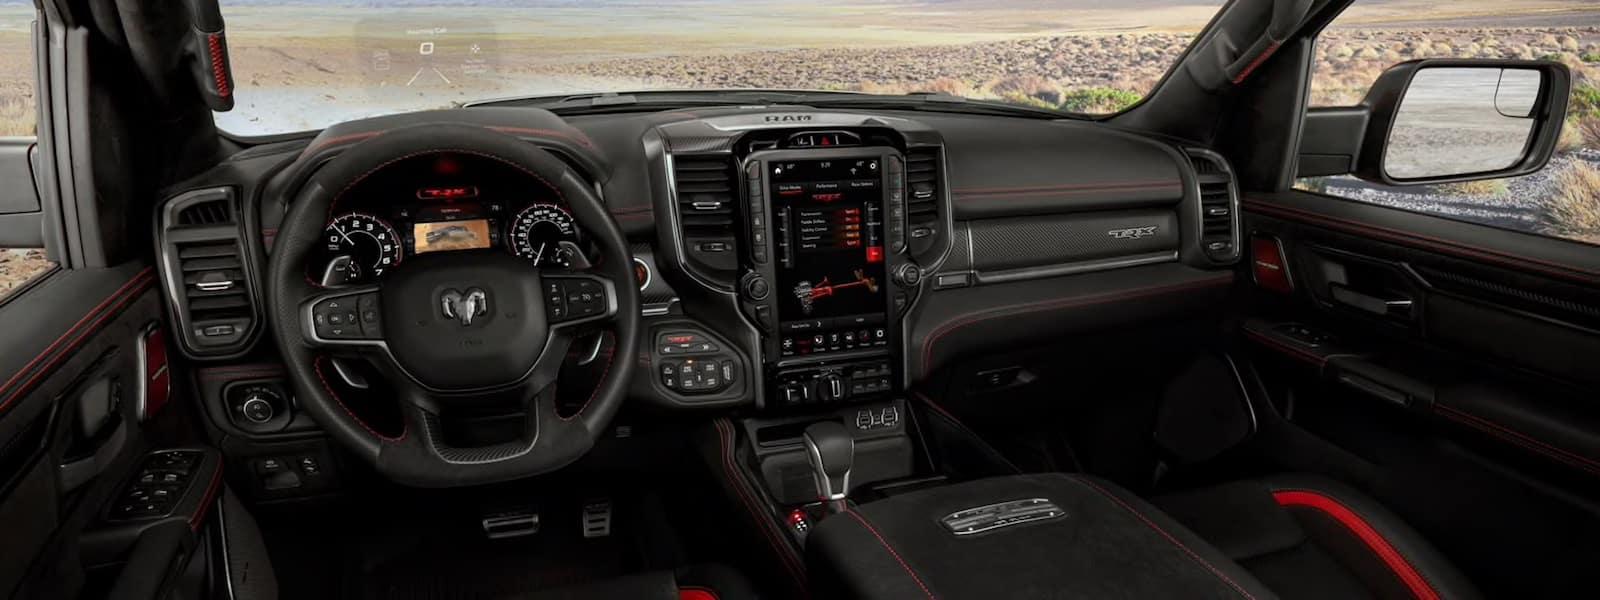 2021 RAM 1500 TRX interior design